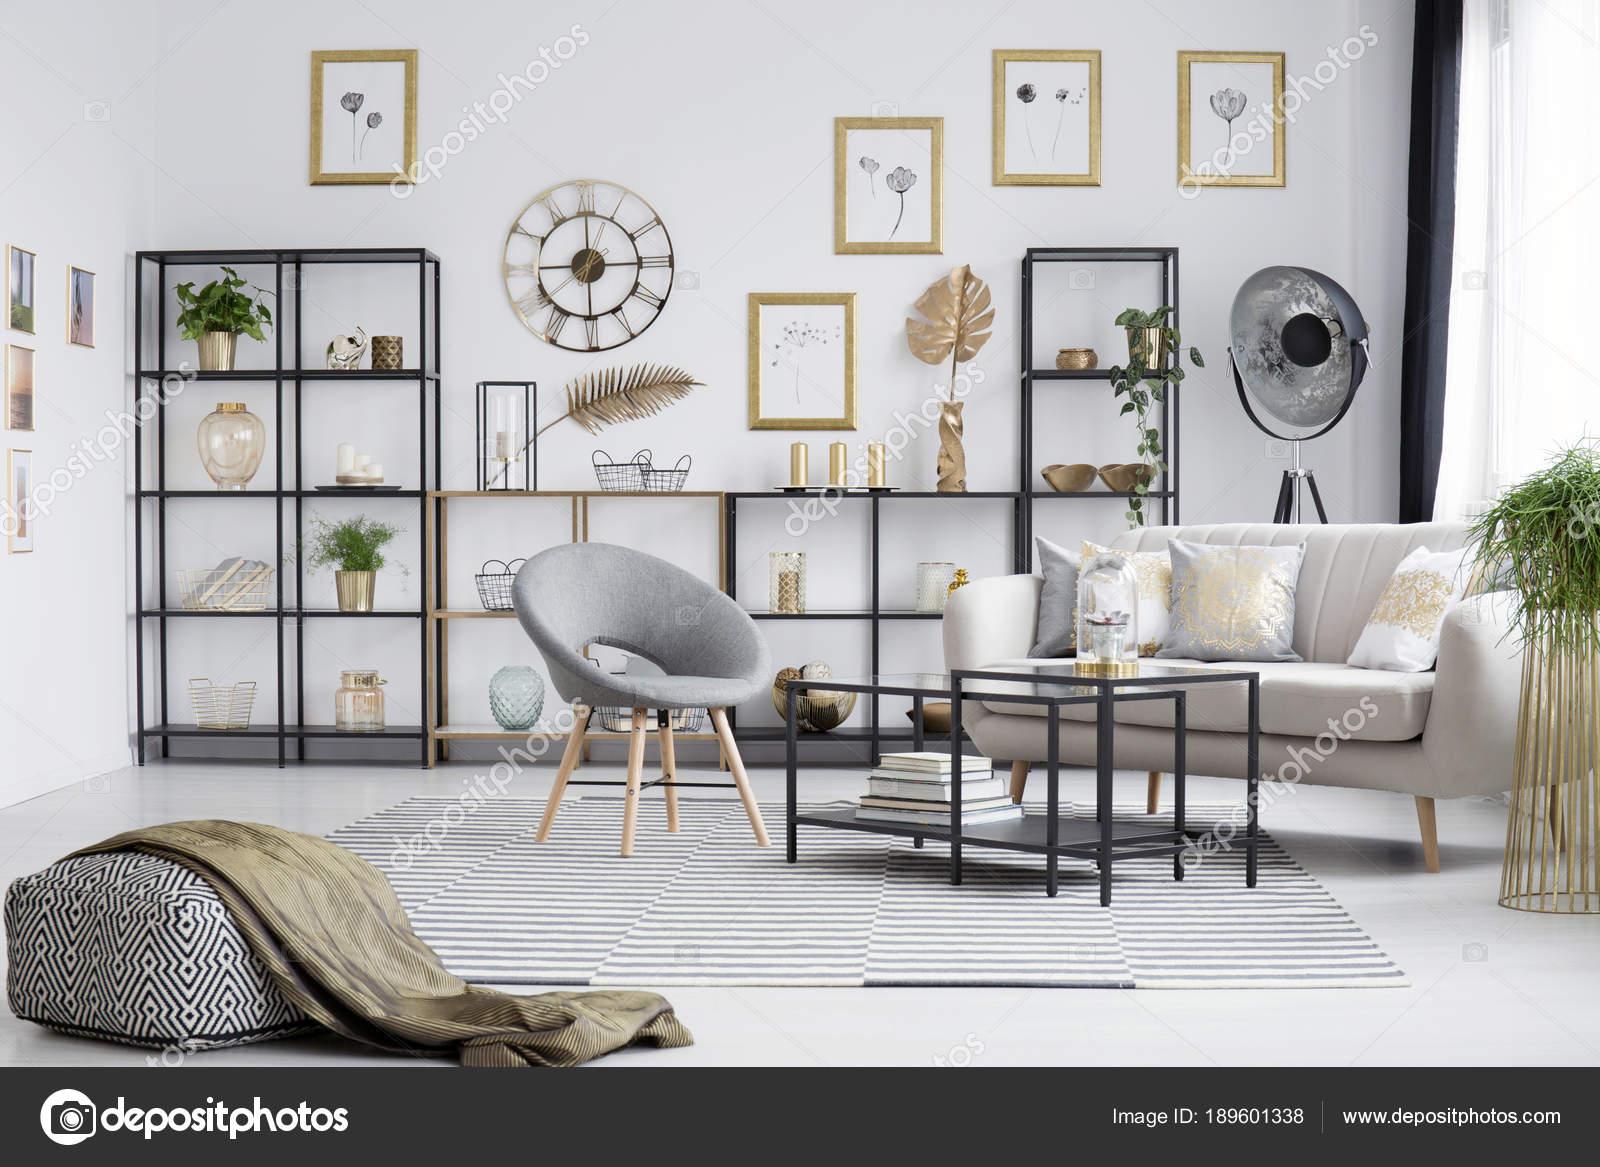 Grau Und Gold Wohnzimmer Stockfoto C Photographee Eu